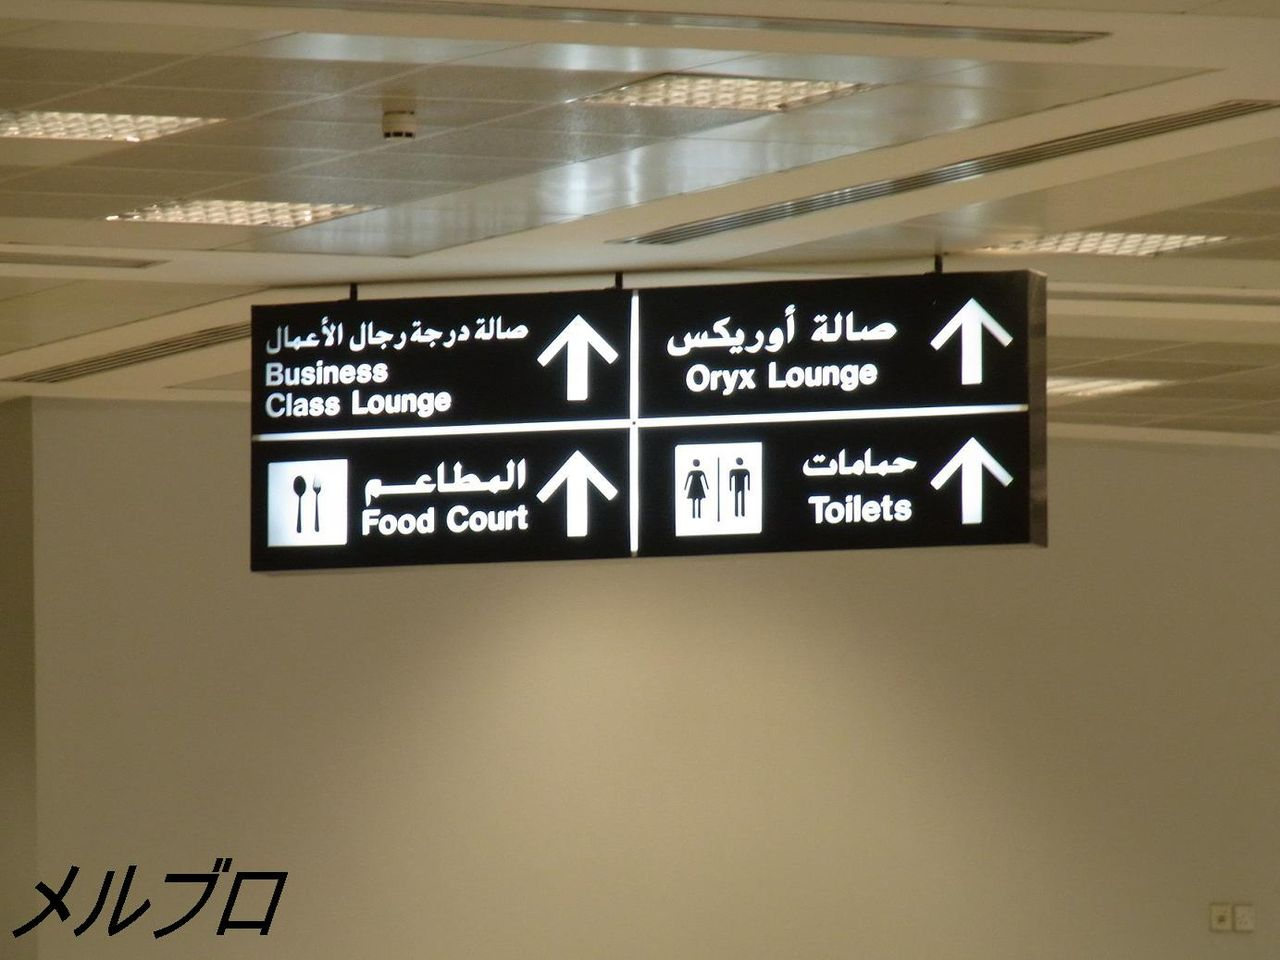 アラビア語表記